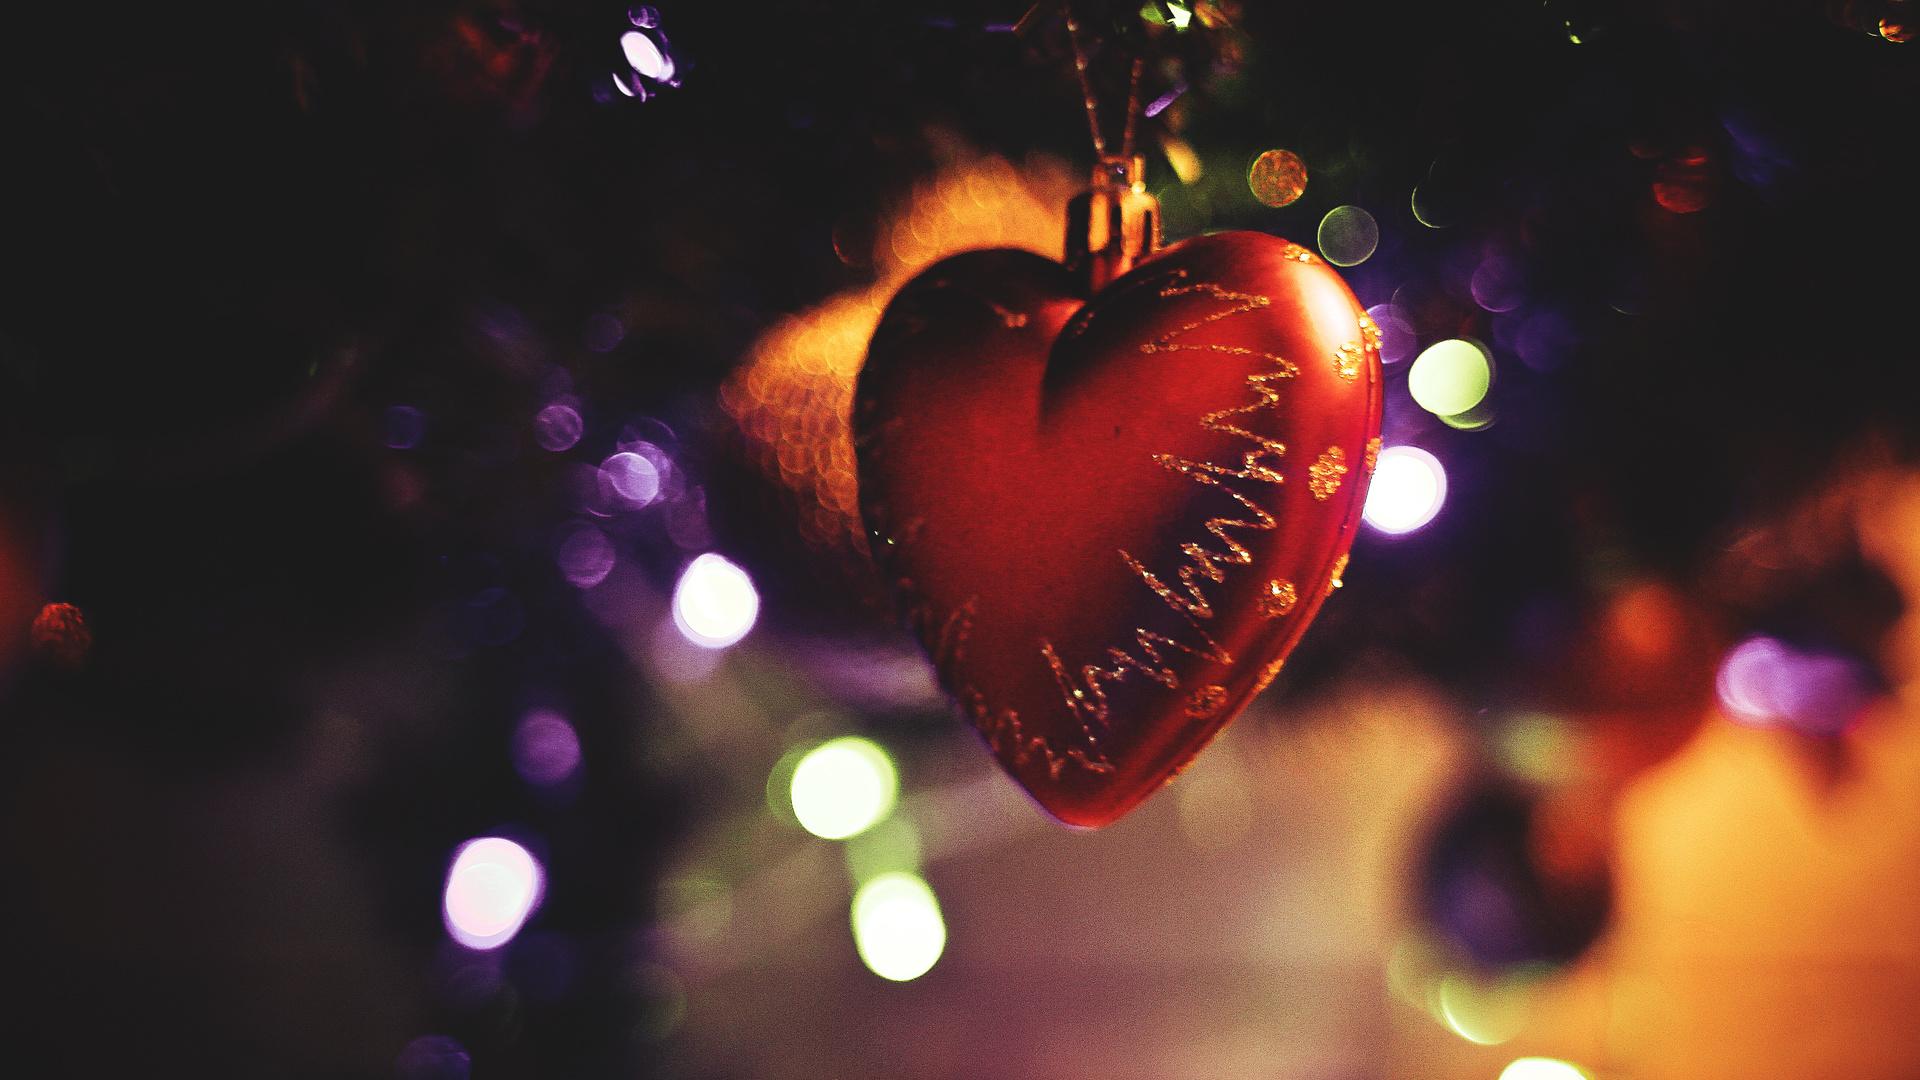 всех красивые картинки с новым годом любимого только